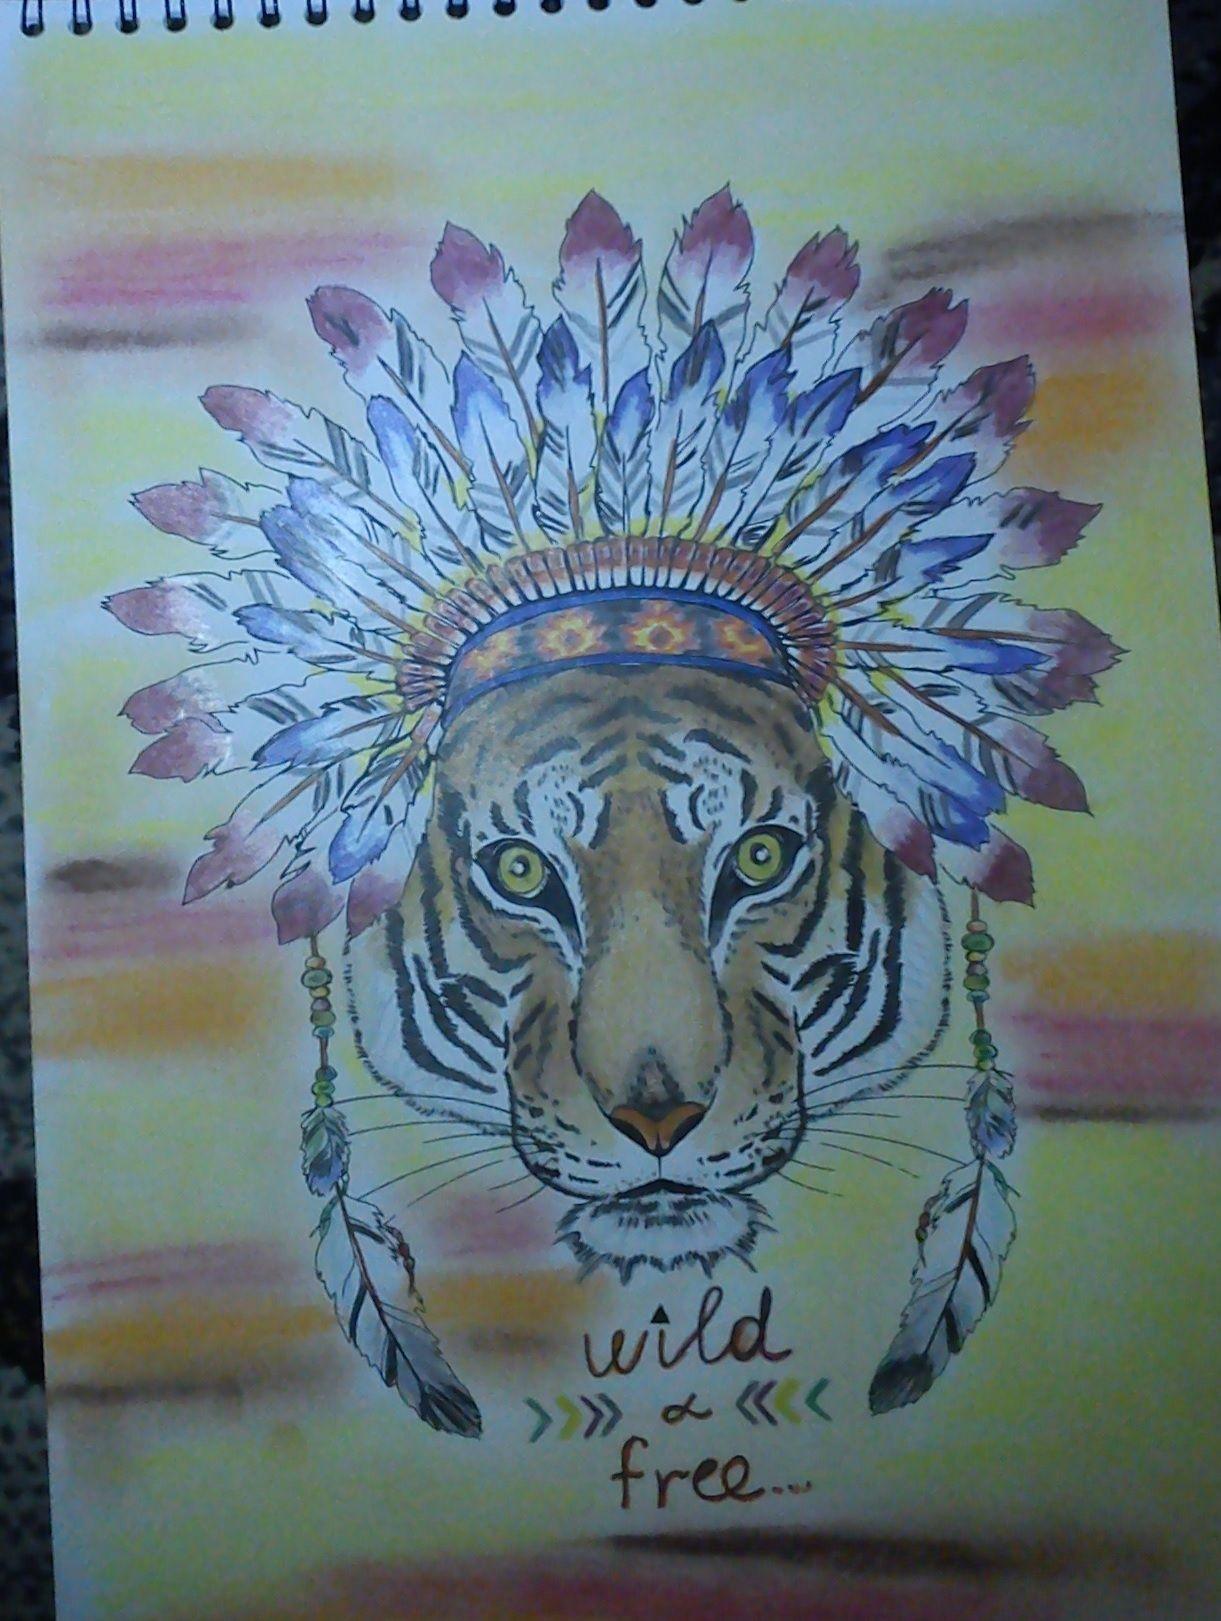 Pin By Patrycja Terkiewicz On Crazy Animals Coloring Book Animal Coloring Books Weird Animals Animal Tattoo